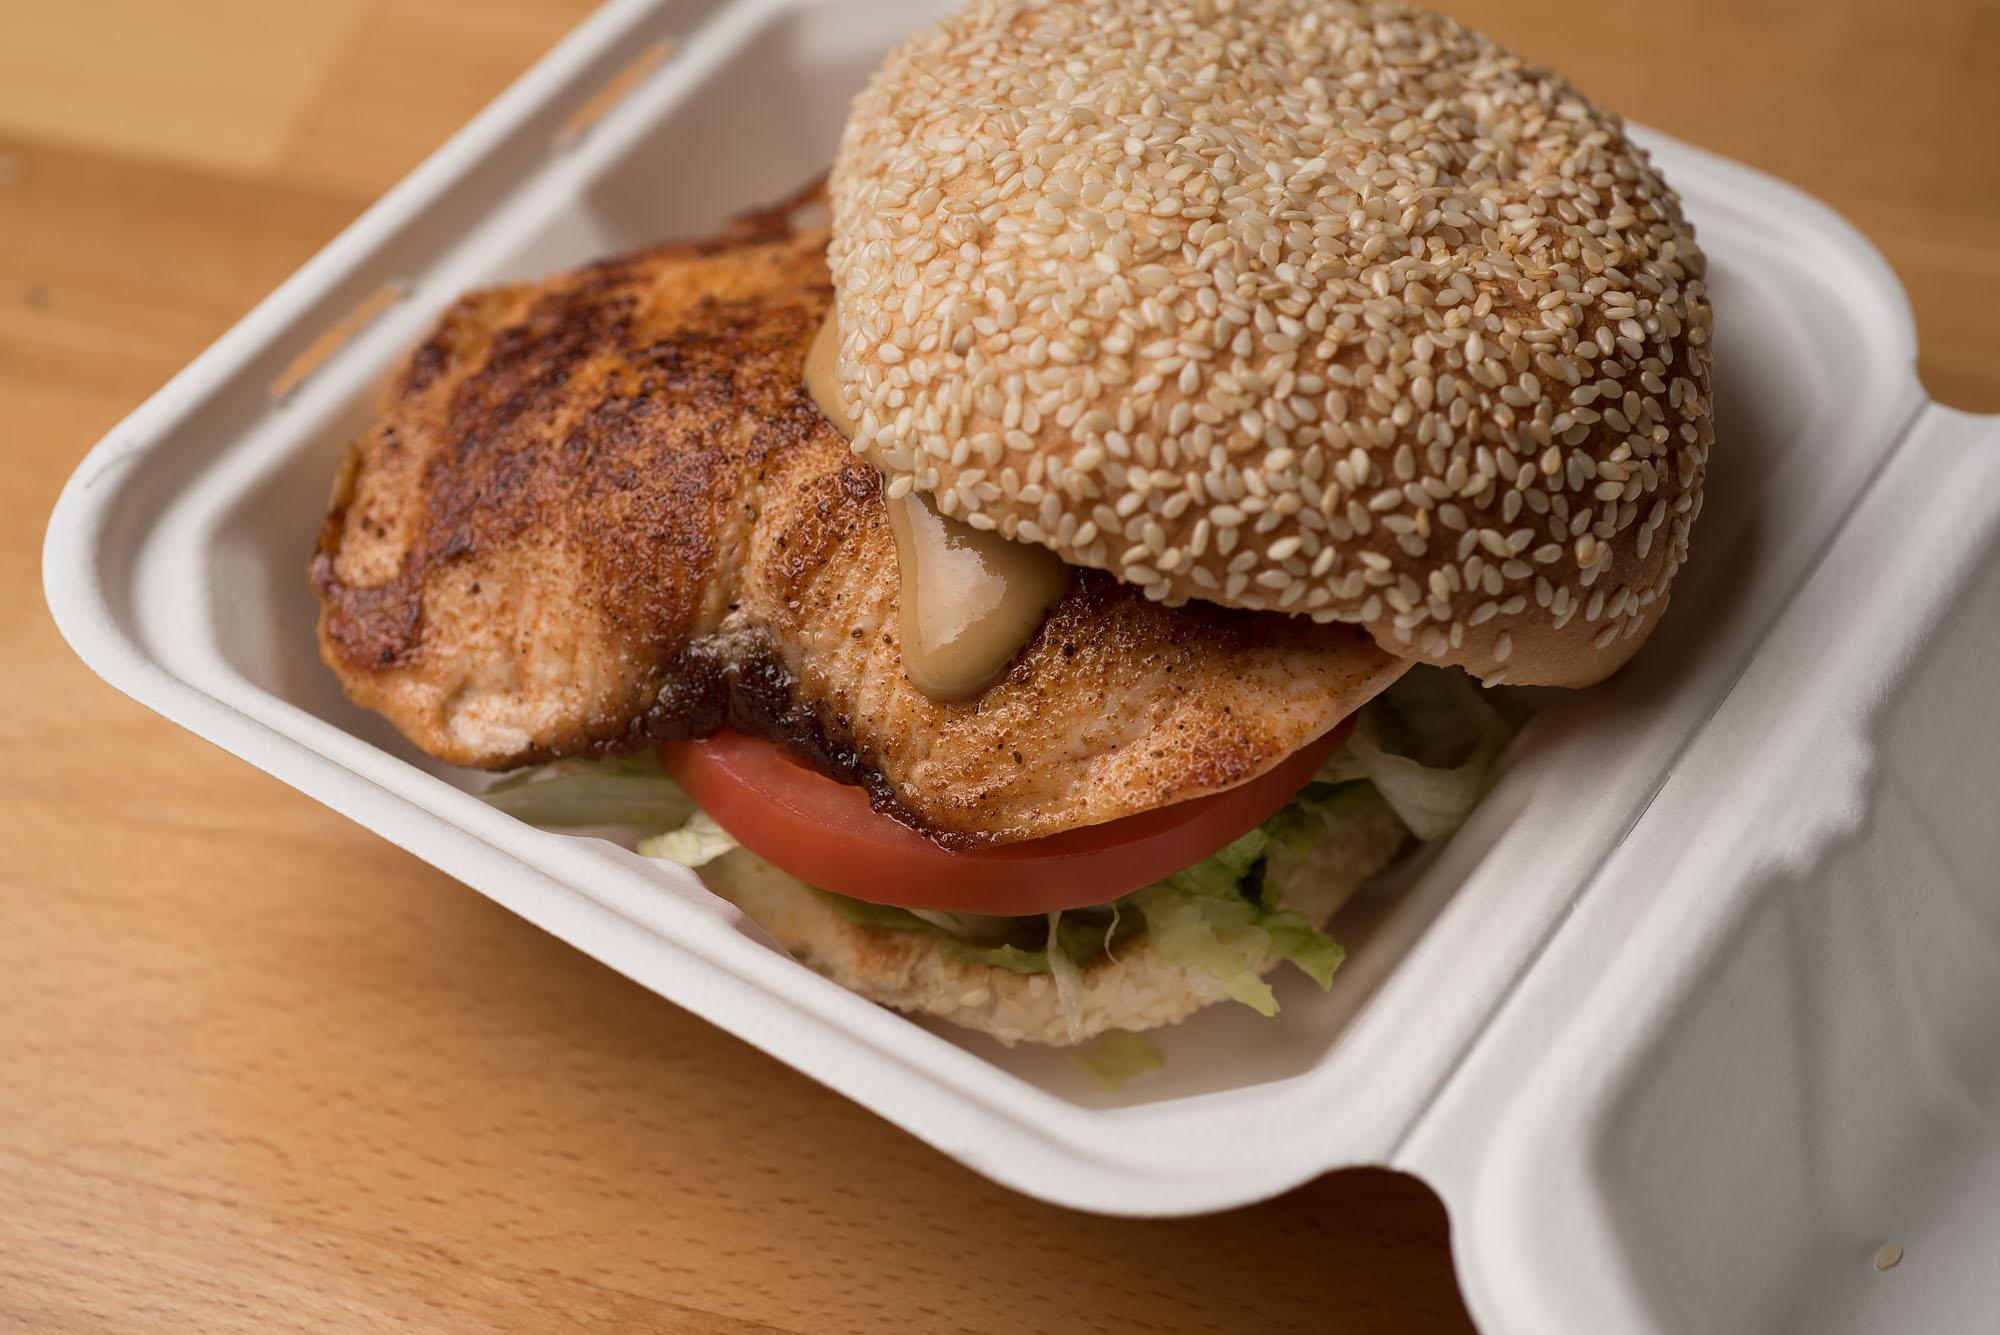 Michael and Bryan Voltaggio s STRFSH Grills Fish Sandwiches in